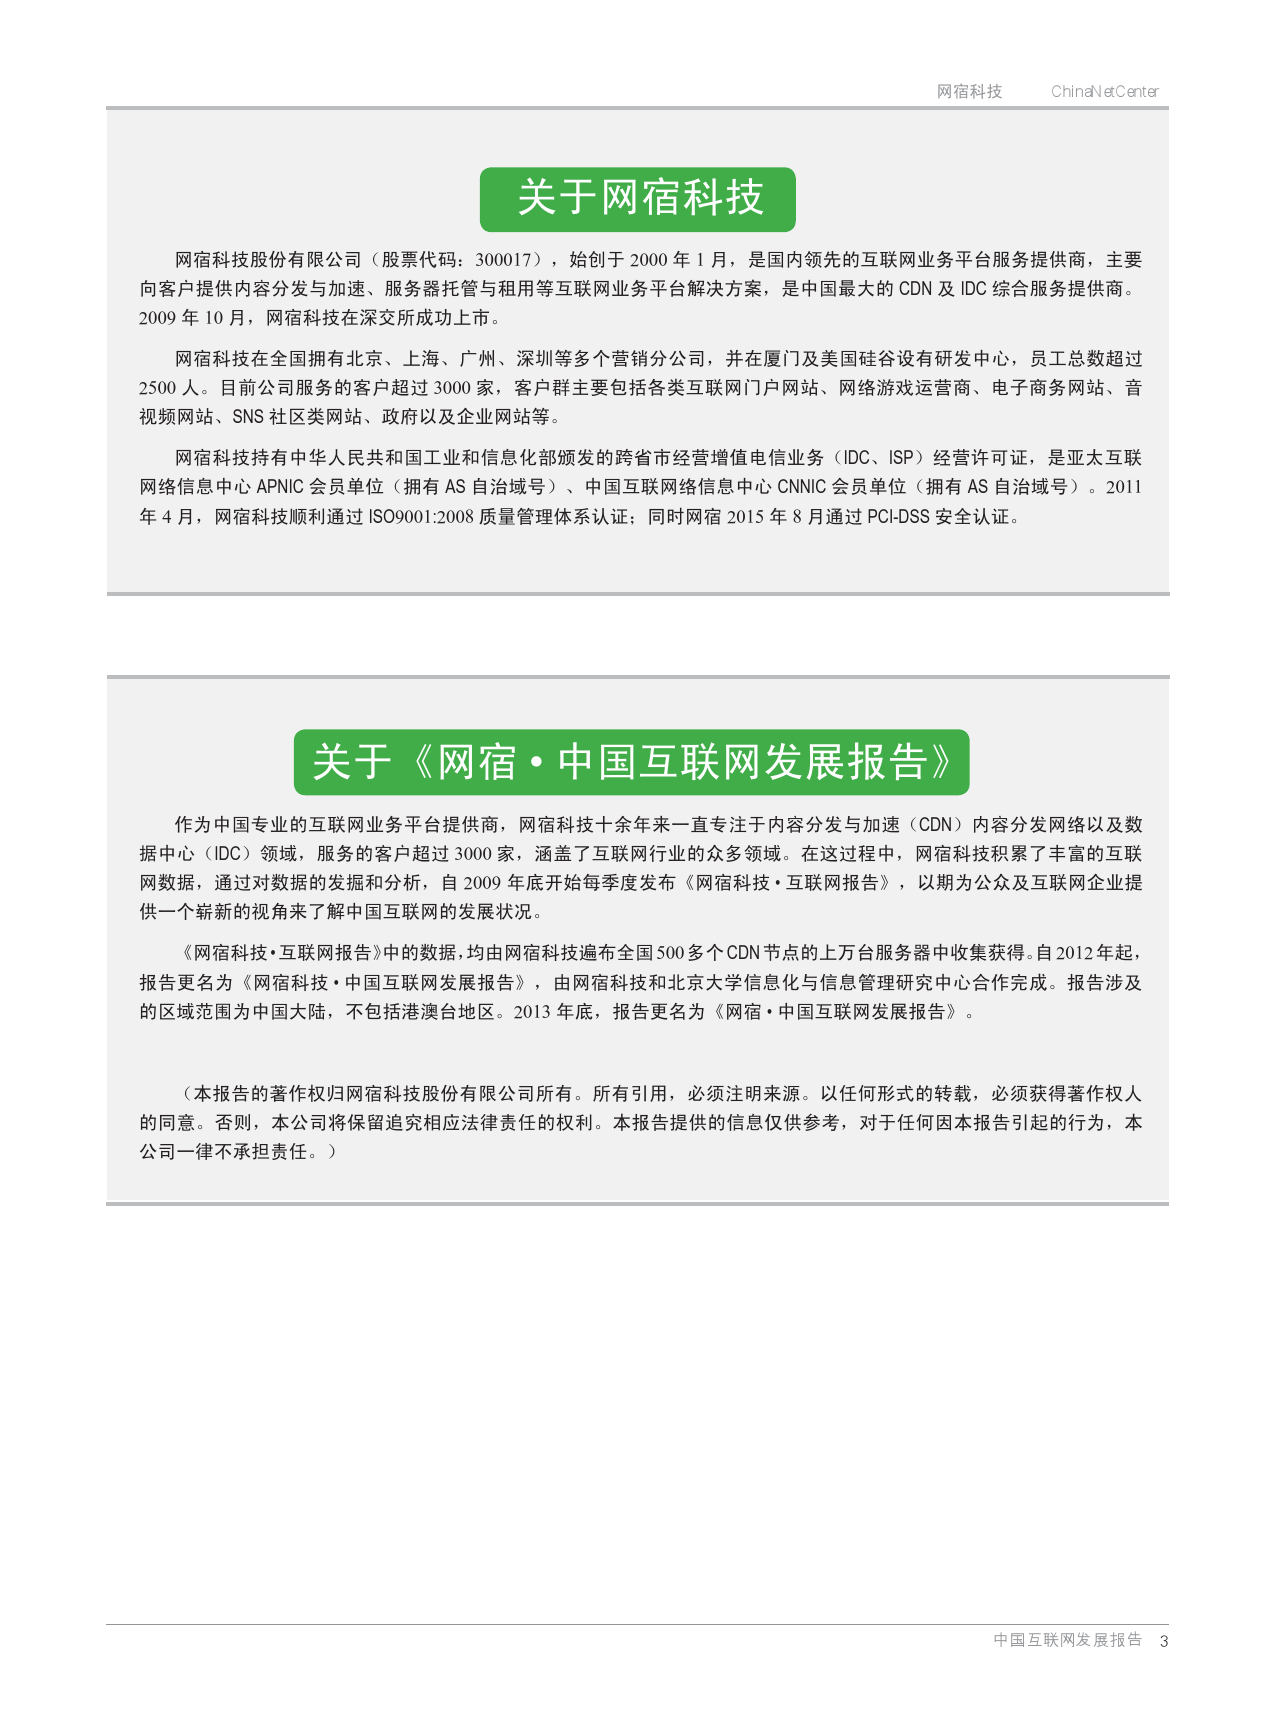 网宿:2015年Q3互联网报告_000002